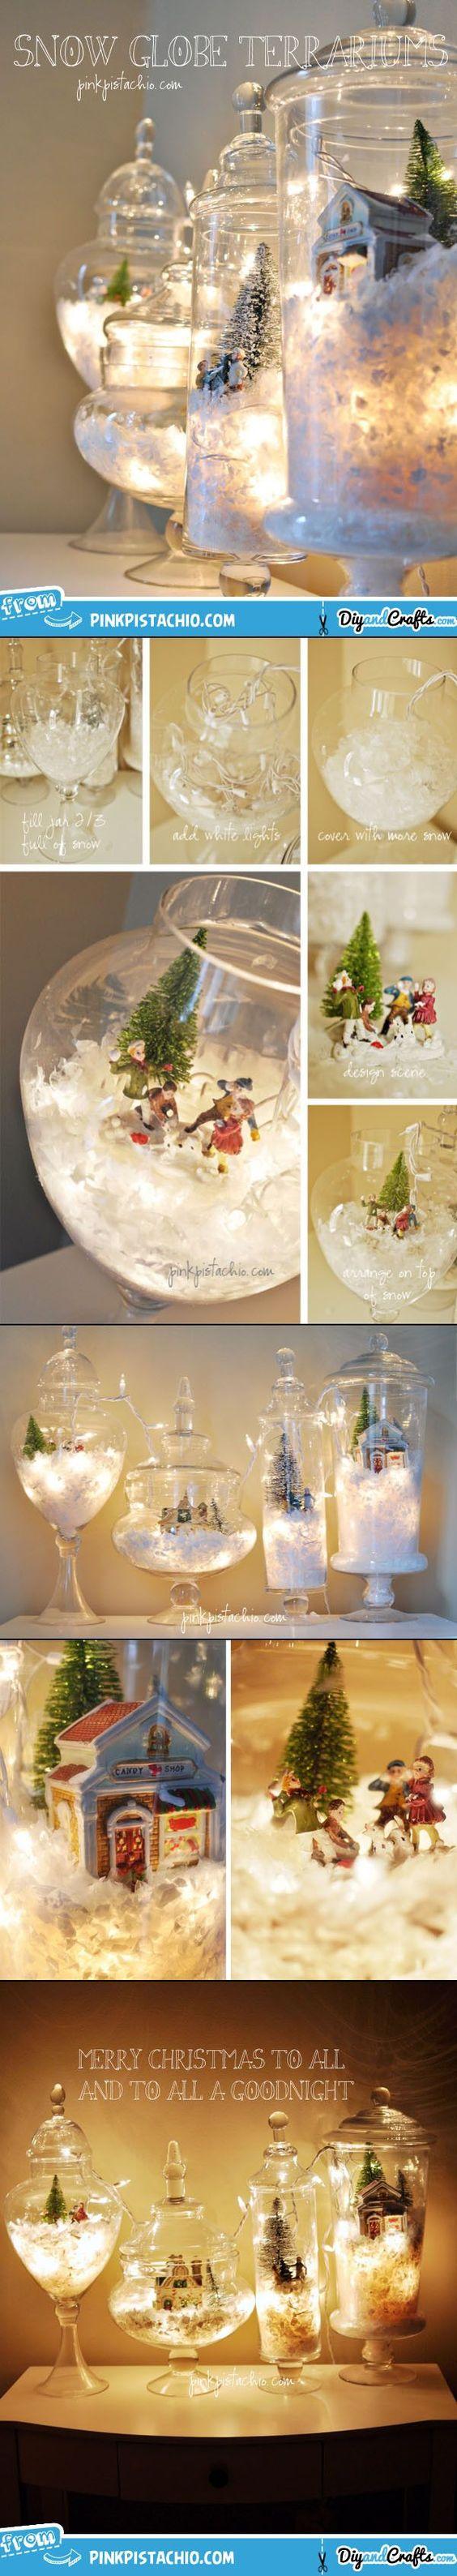 Mit Dieser Entzückenden Idee Kannst Du Deine Lieblings Winterszene Ins Glas  Zaubern! Dazu Brauchst Du Eine Etwas Größere, Durchsichtige Glasvase, ...